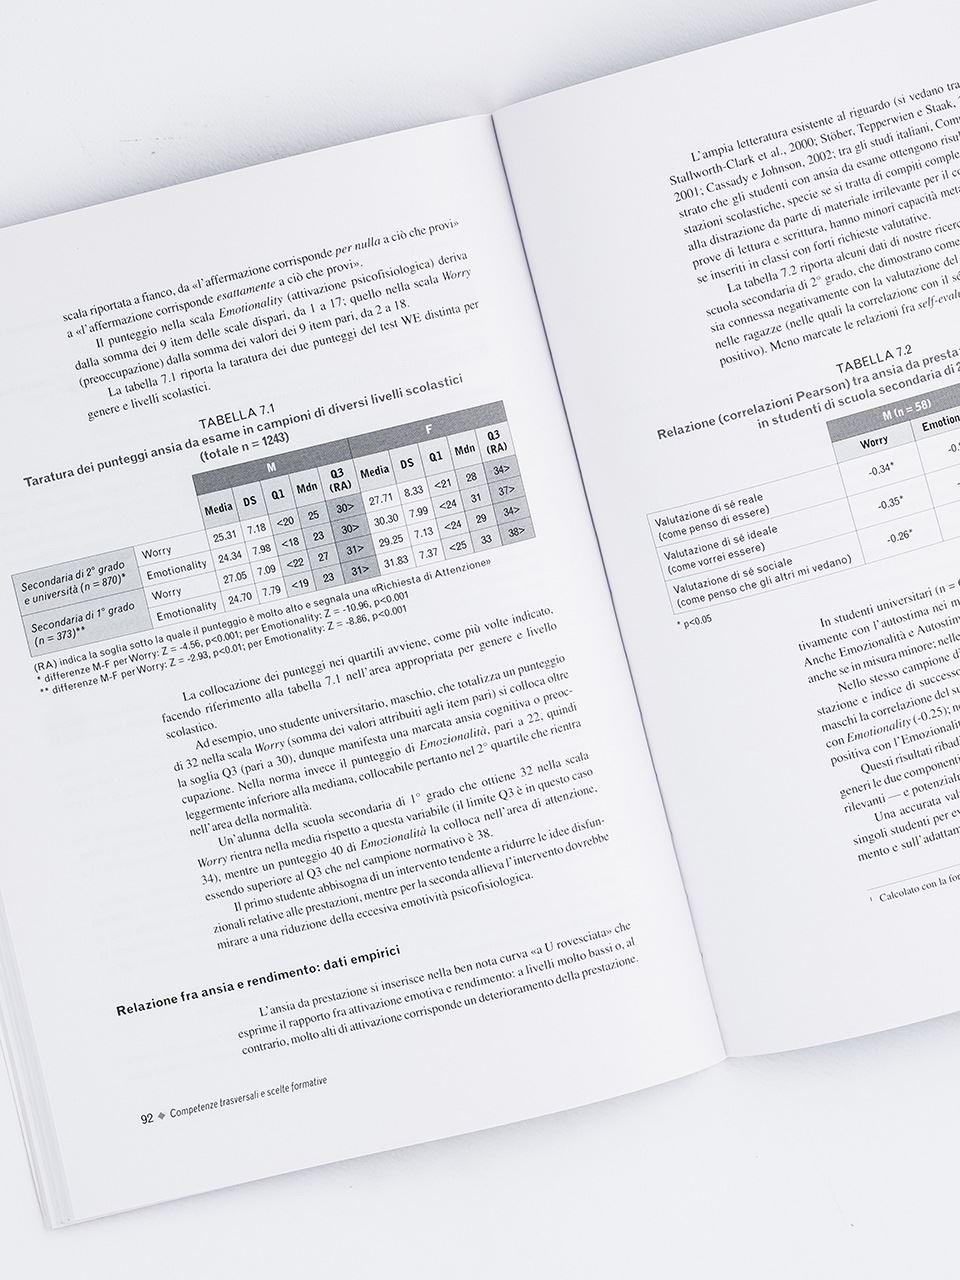 Competenze trasversali e scelte formative - Libri - Erickson 2